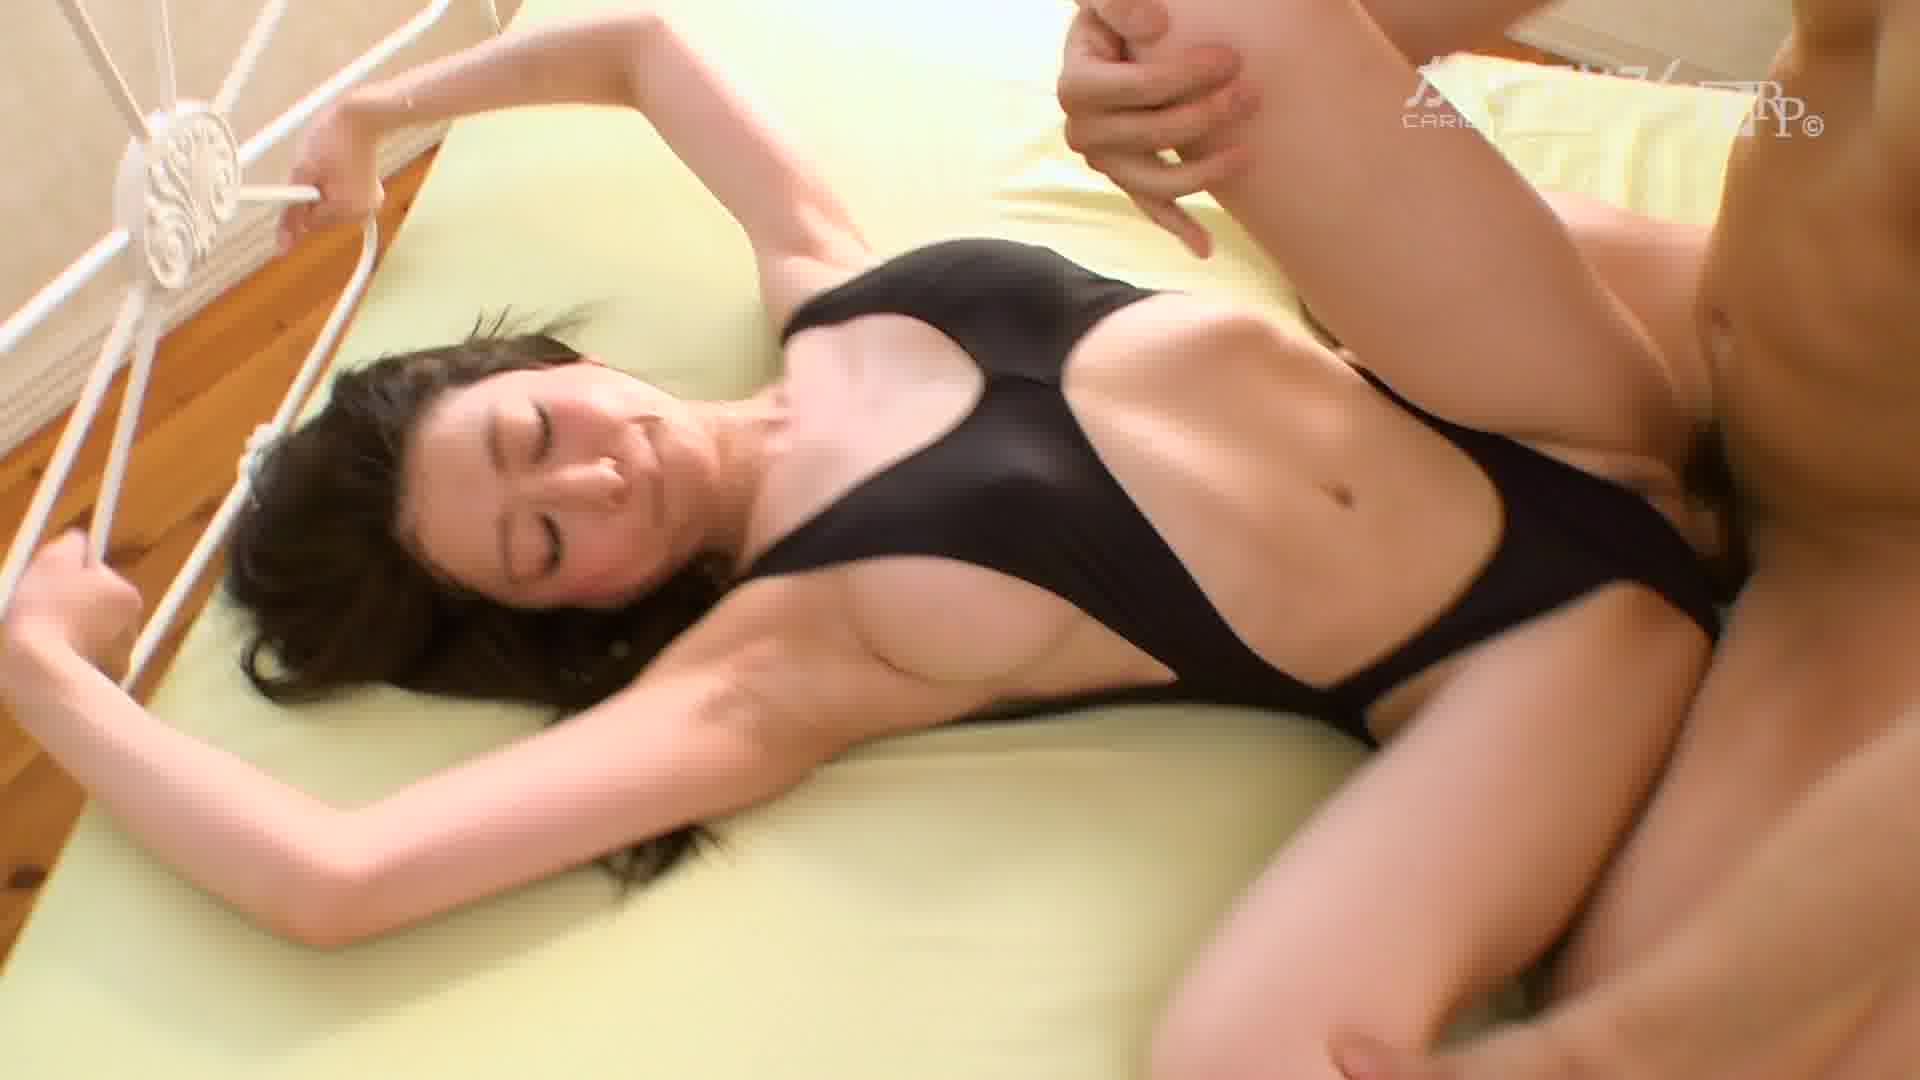 誘惑の美脚レースクィーン2 - 真琴りょう【コスプレ・水着・潮吹き】